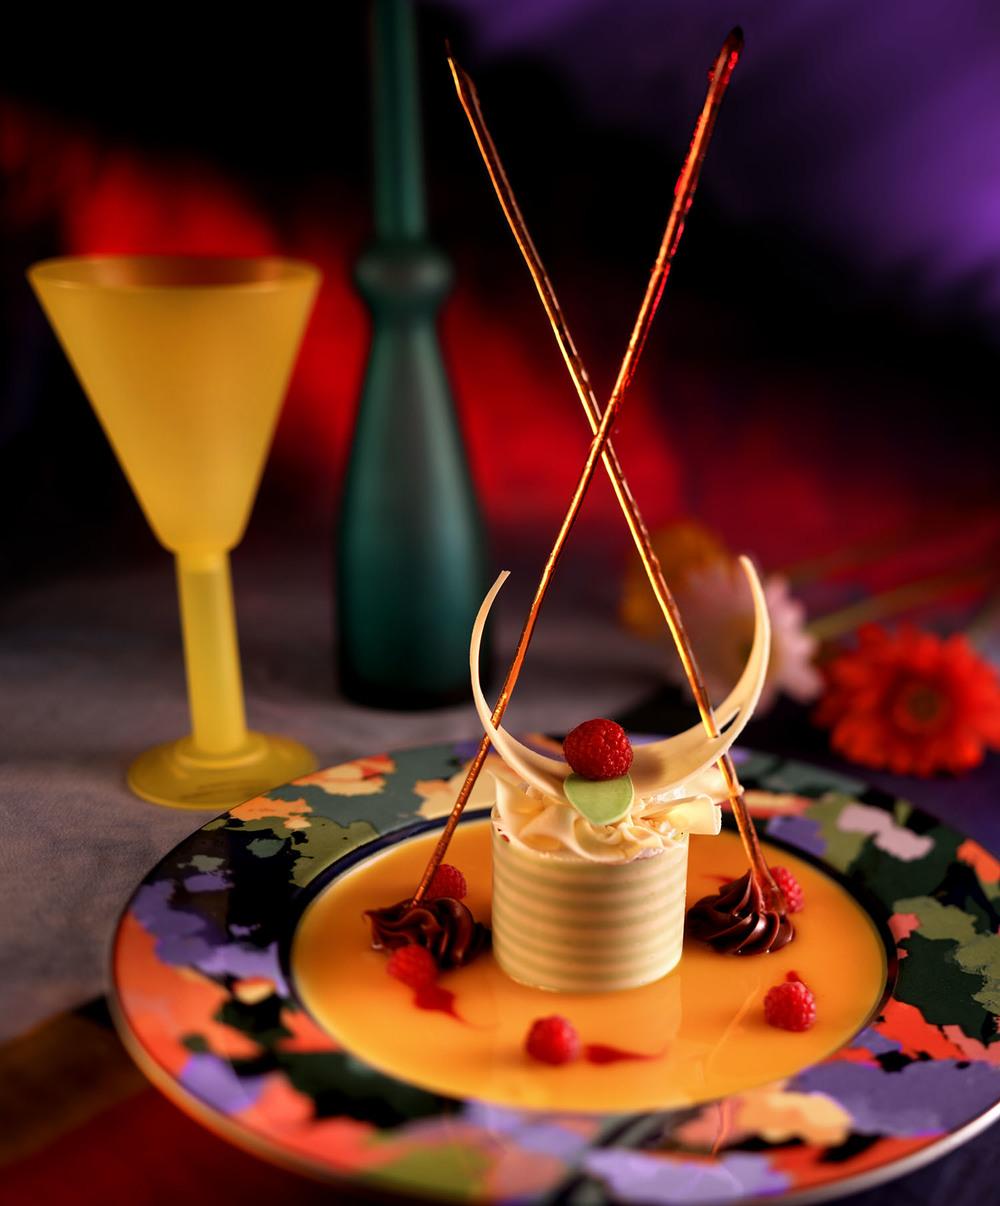 Fantasies-Dessert Flower.jpg